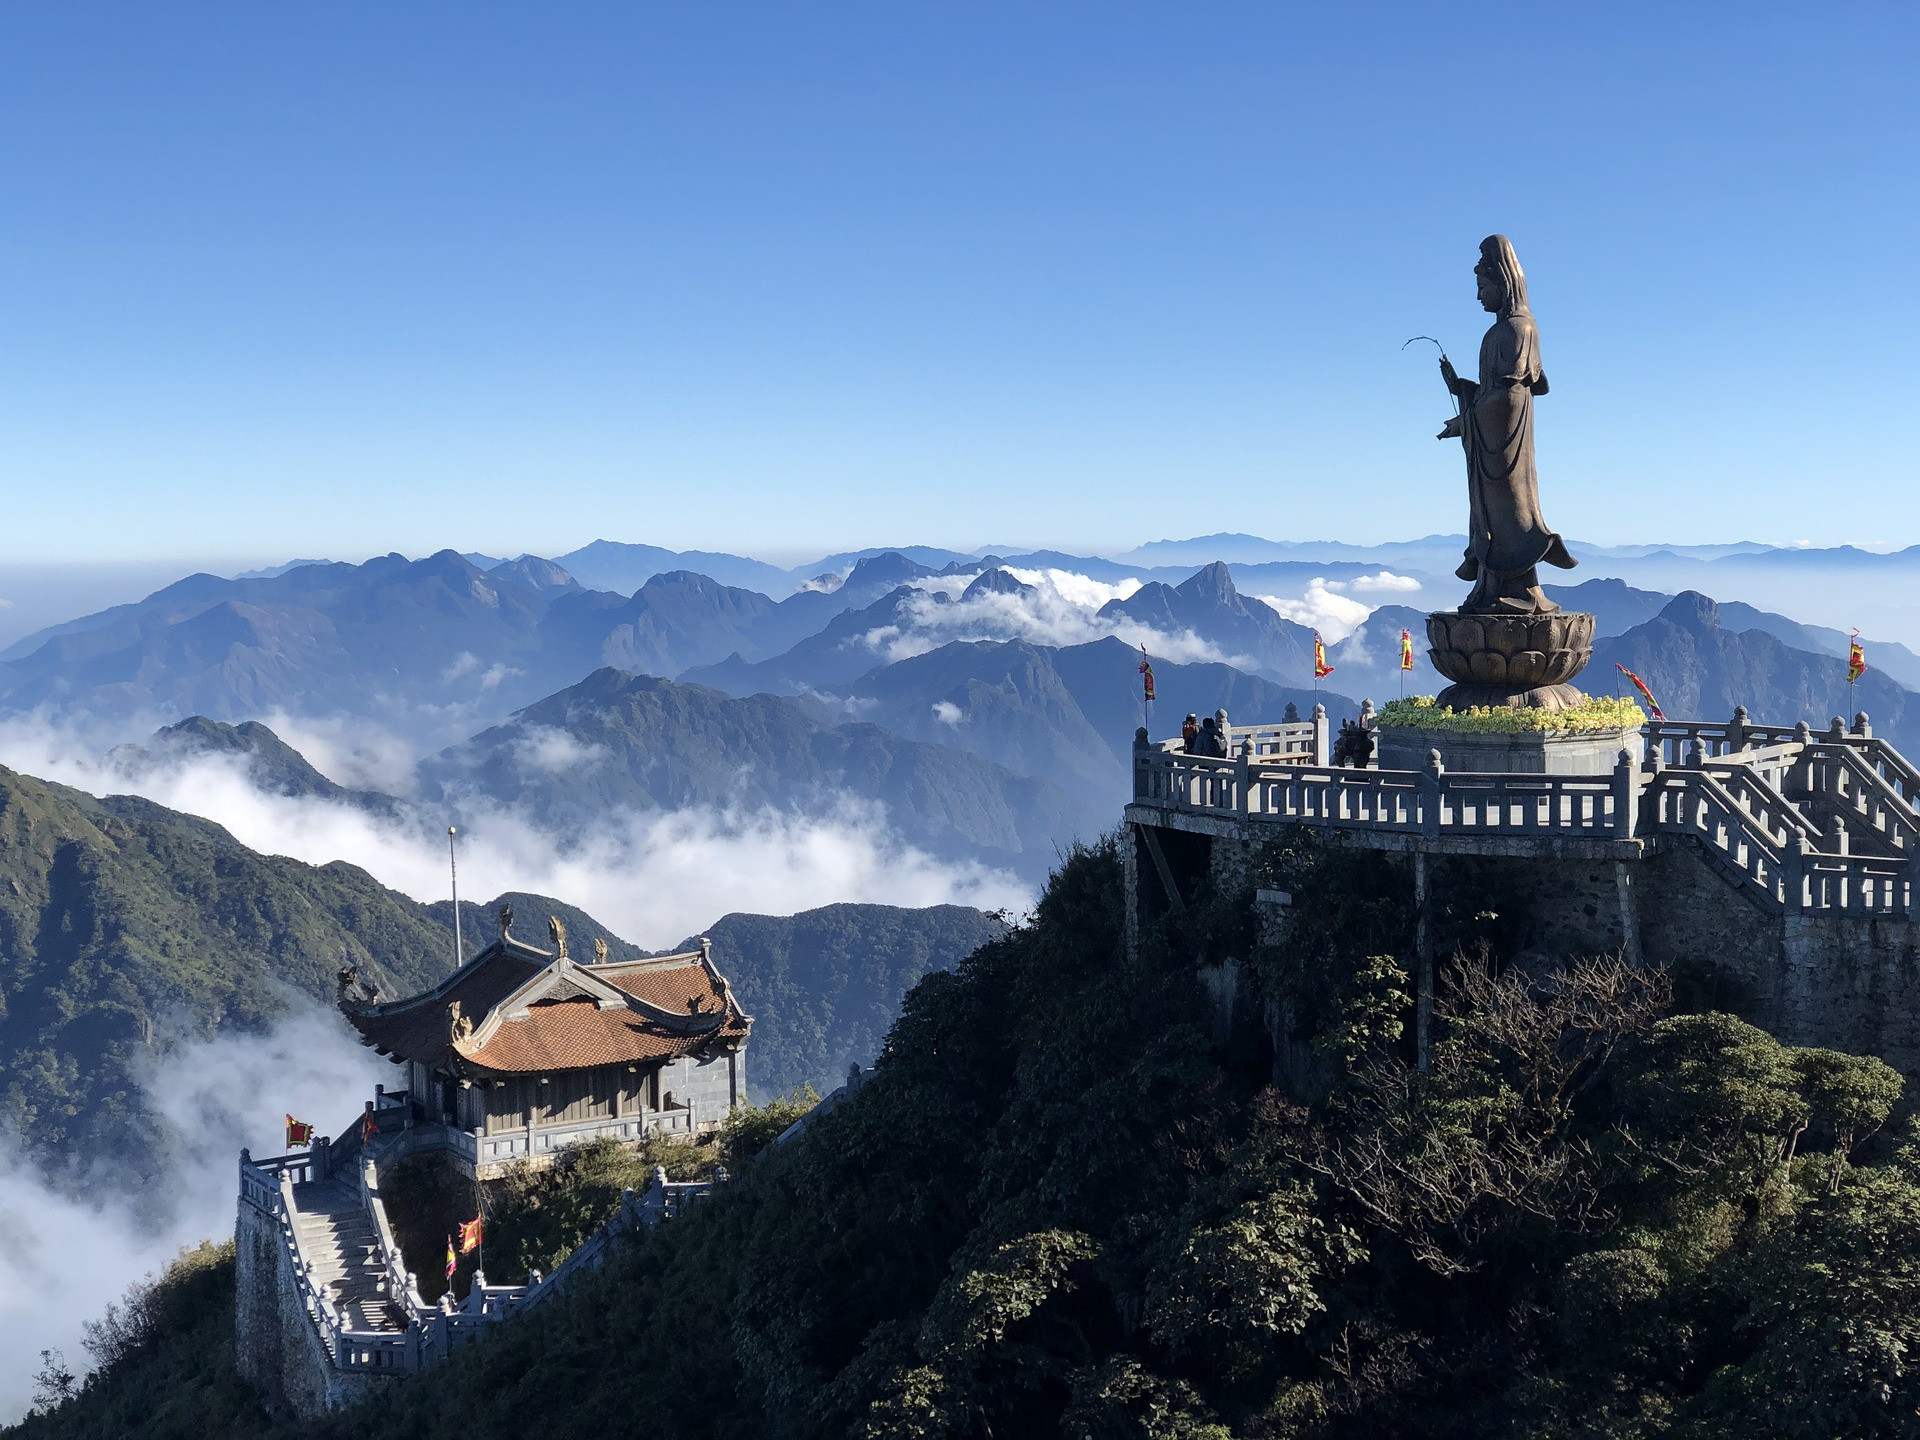 sapa-fansipan-guanyin-statue